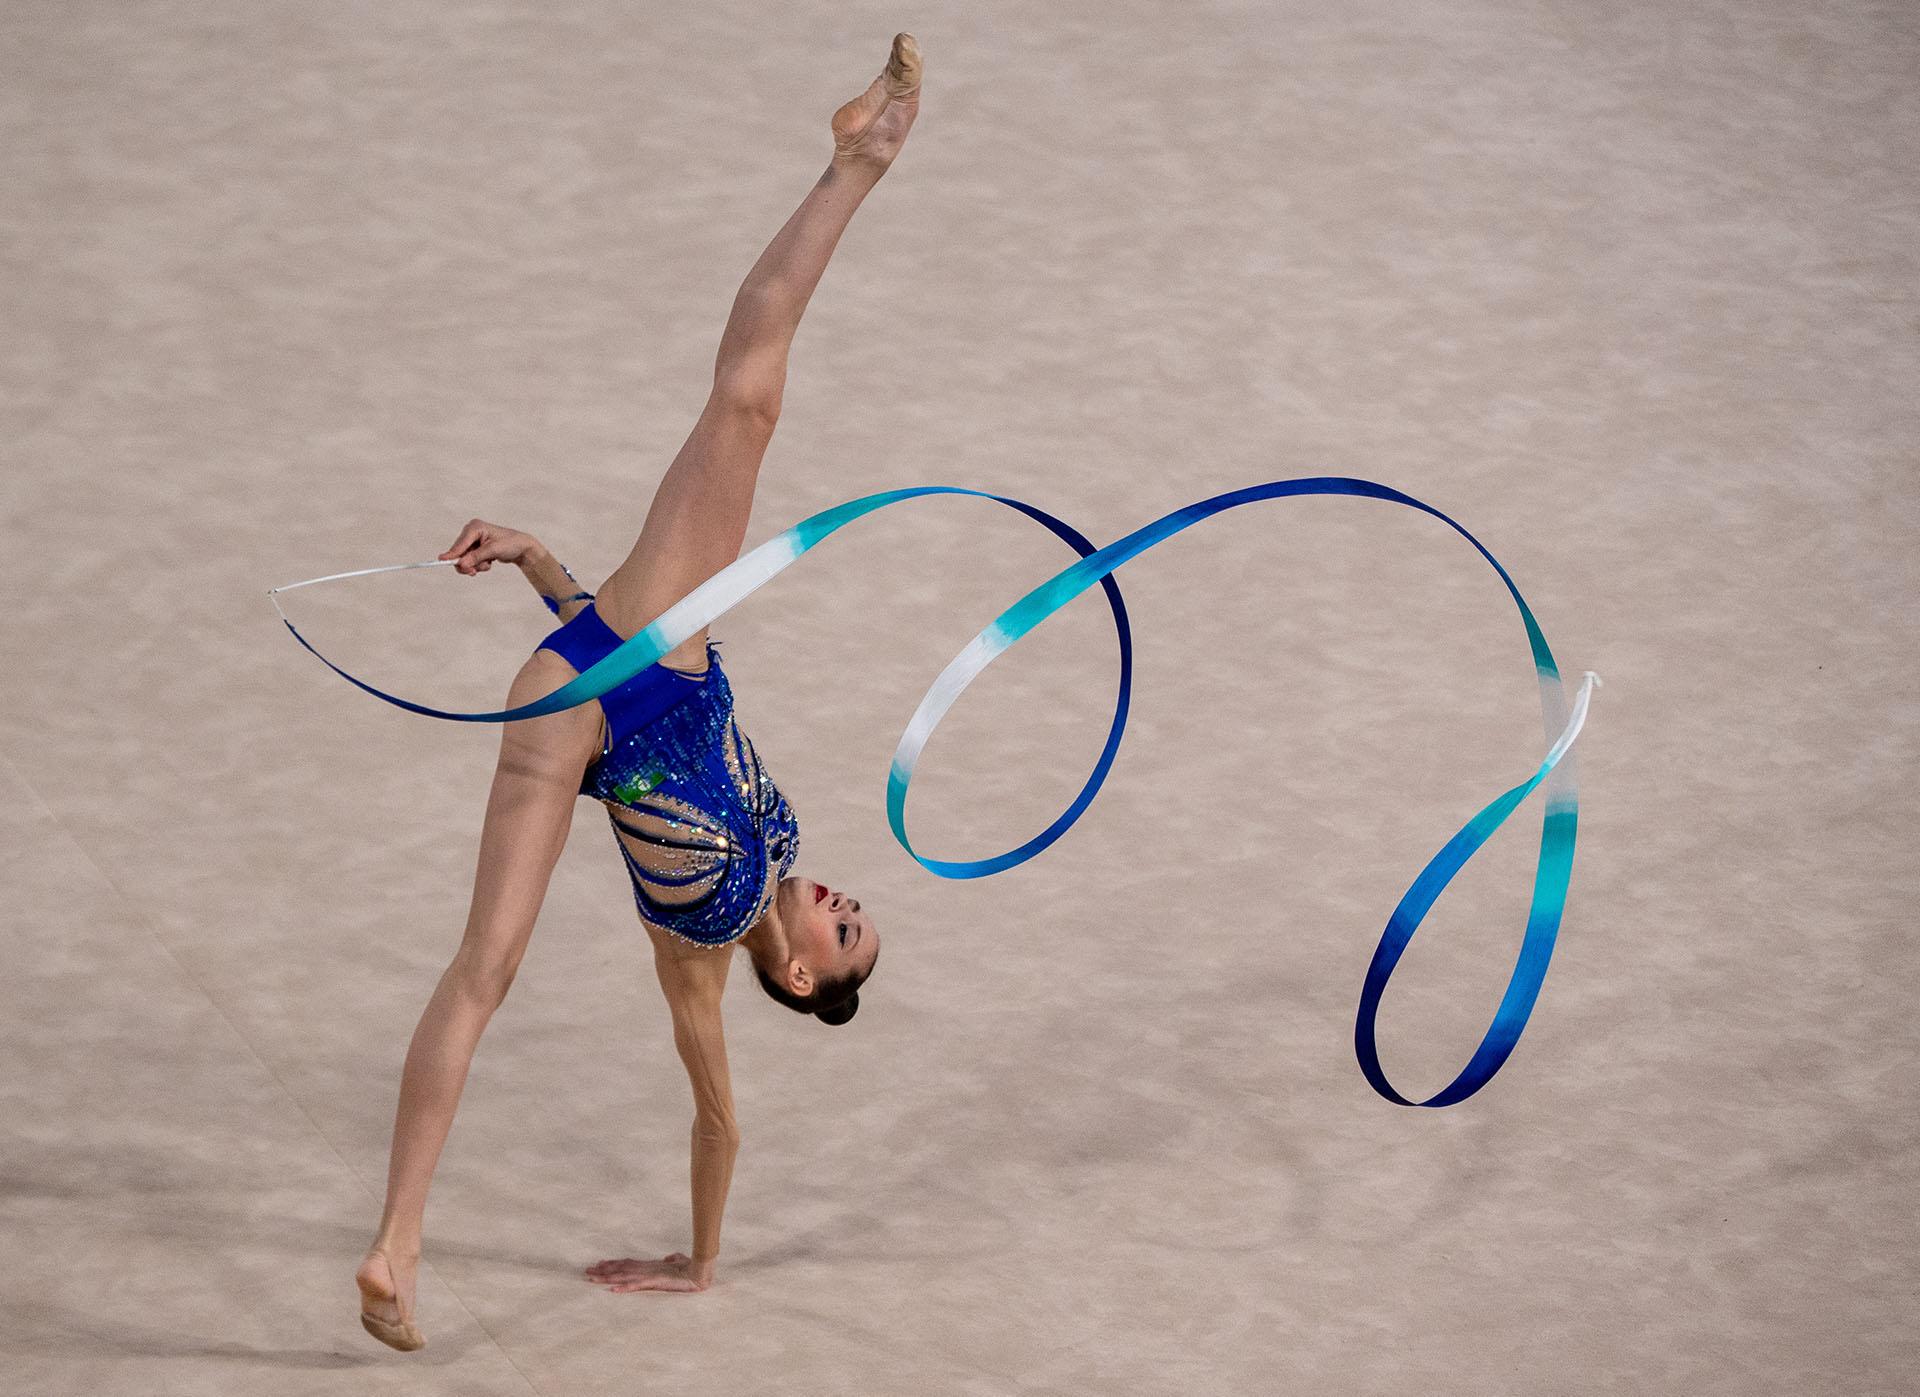 La rusa Daria Trubnikova y otra figura en su presentación en gimnasia rítmica (Foto: REUTERS)